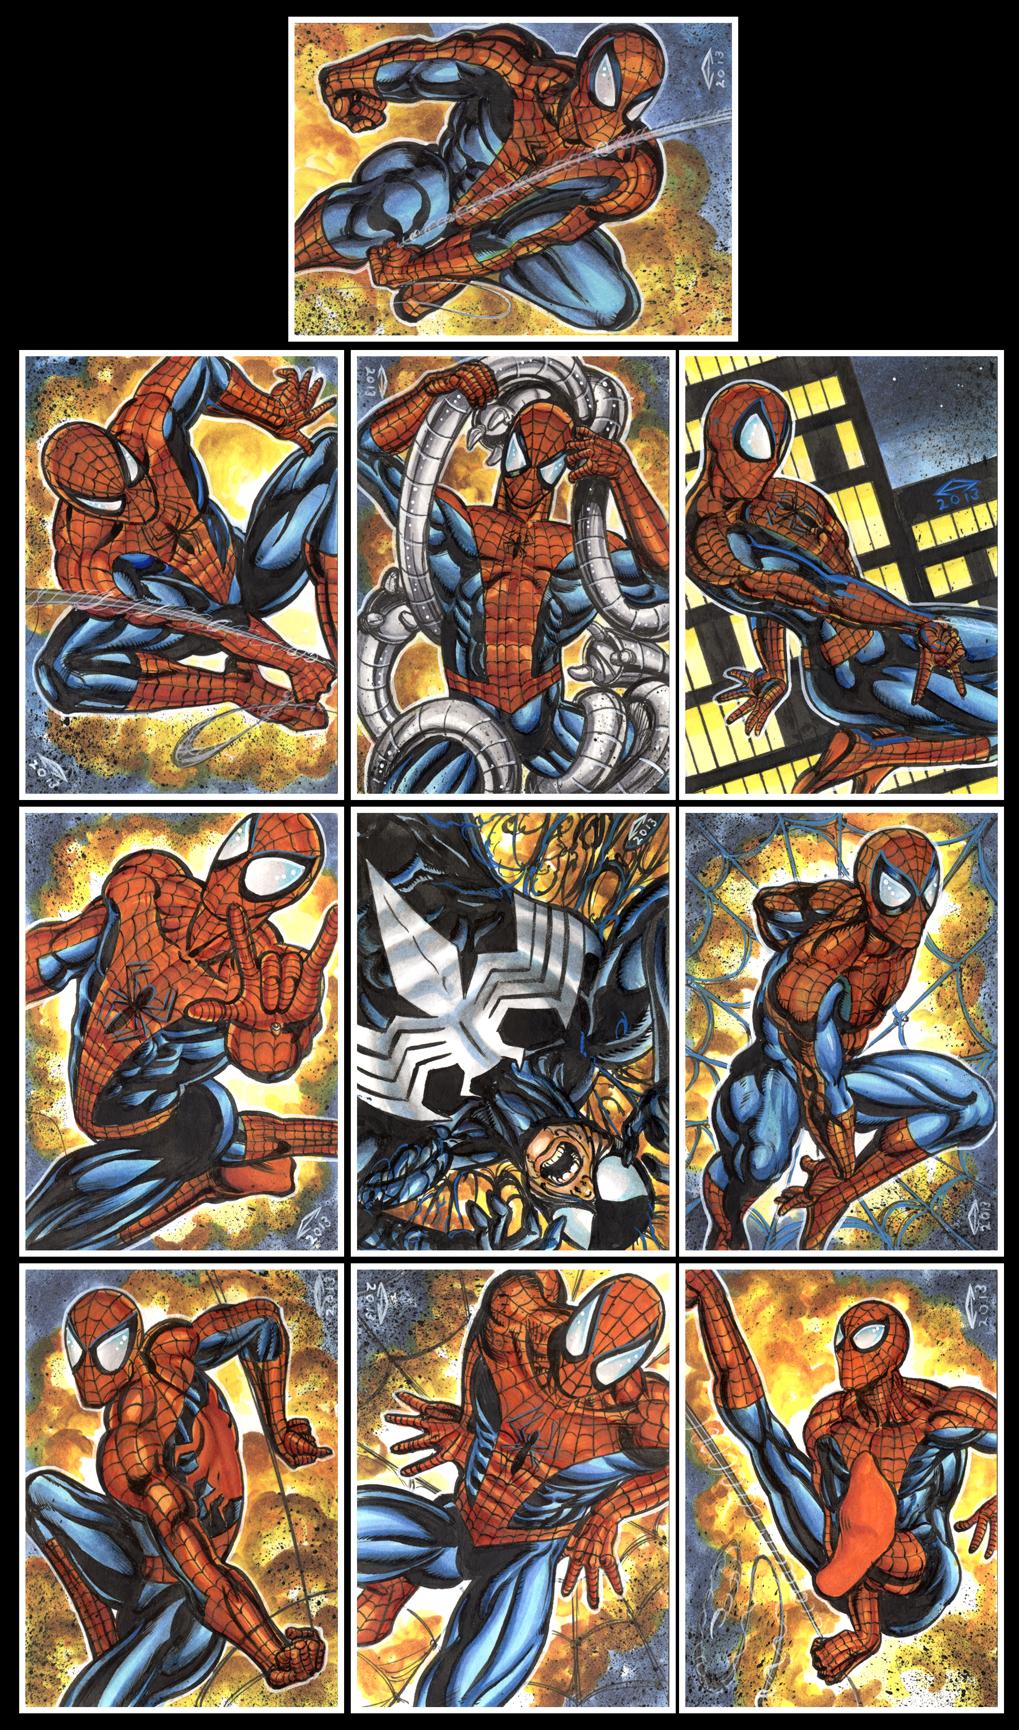 SPIDER MAN SKETCH CARDS by AHochrein2010